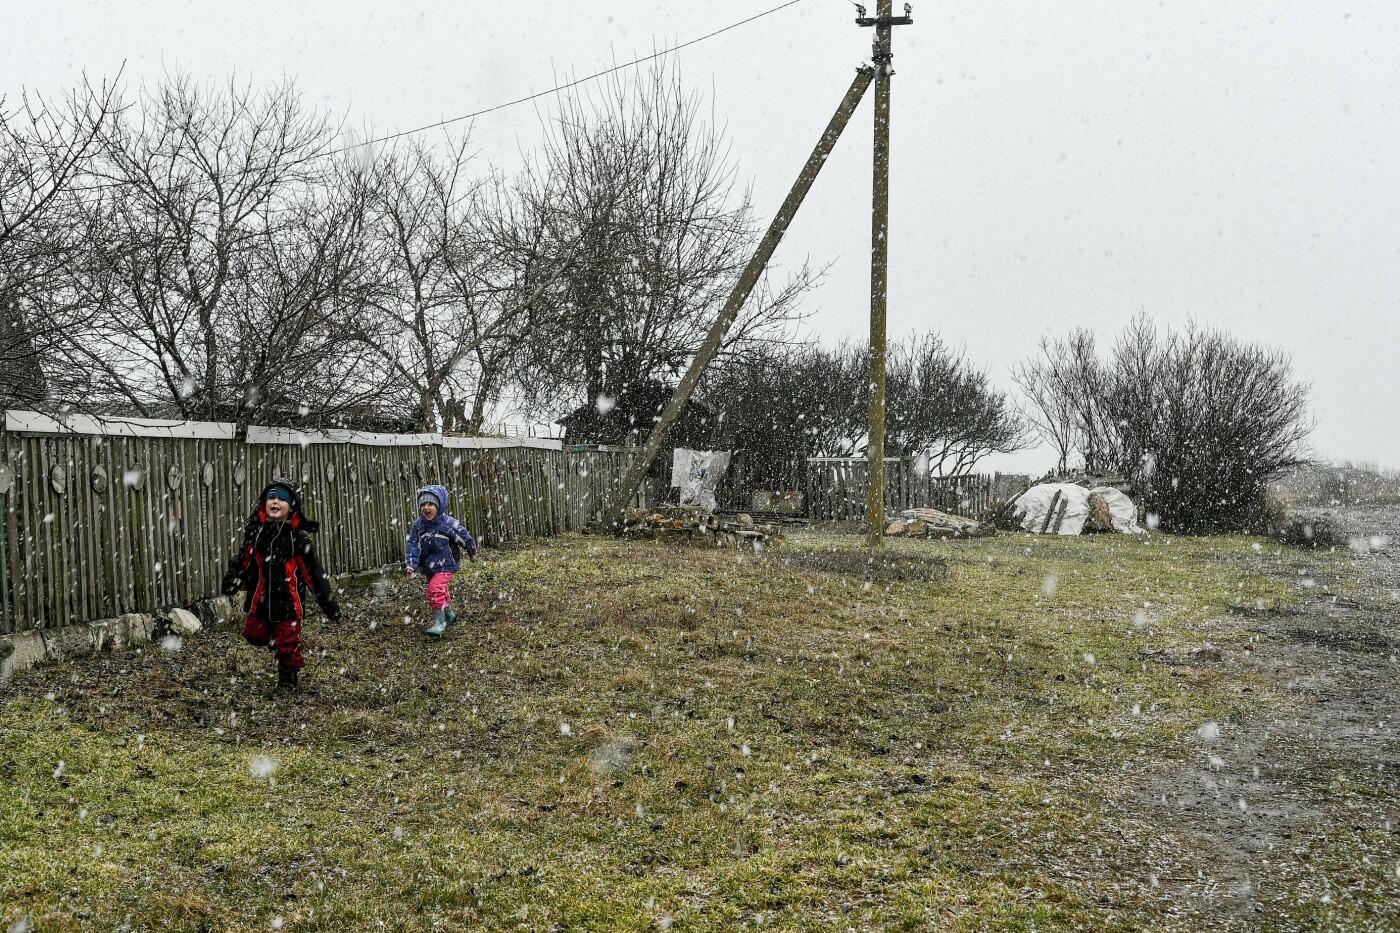 В Запорожской области эксперты по радиологии начали отбирать пробы в селе, где планируют построить каолиновый карьер, фото-7